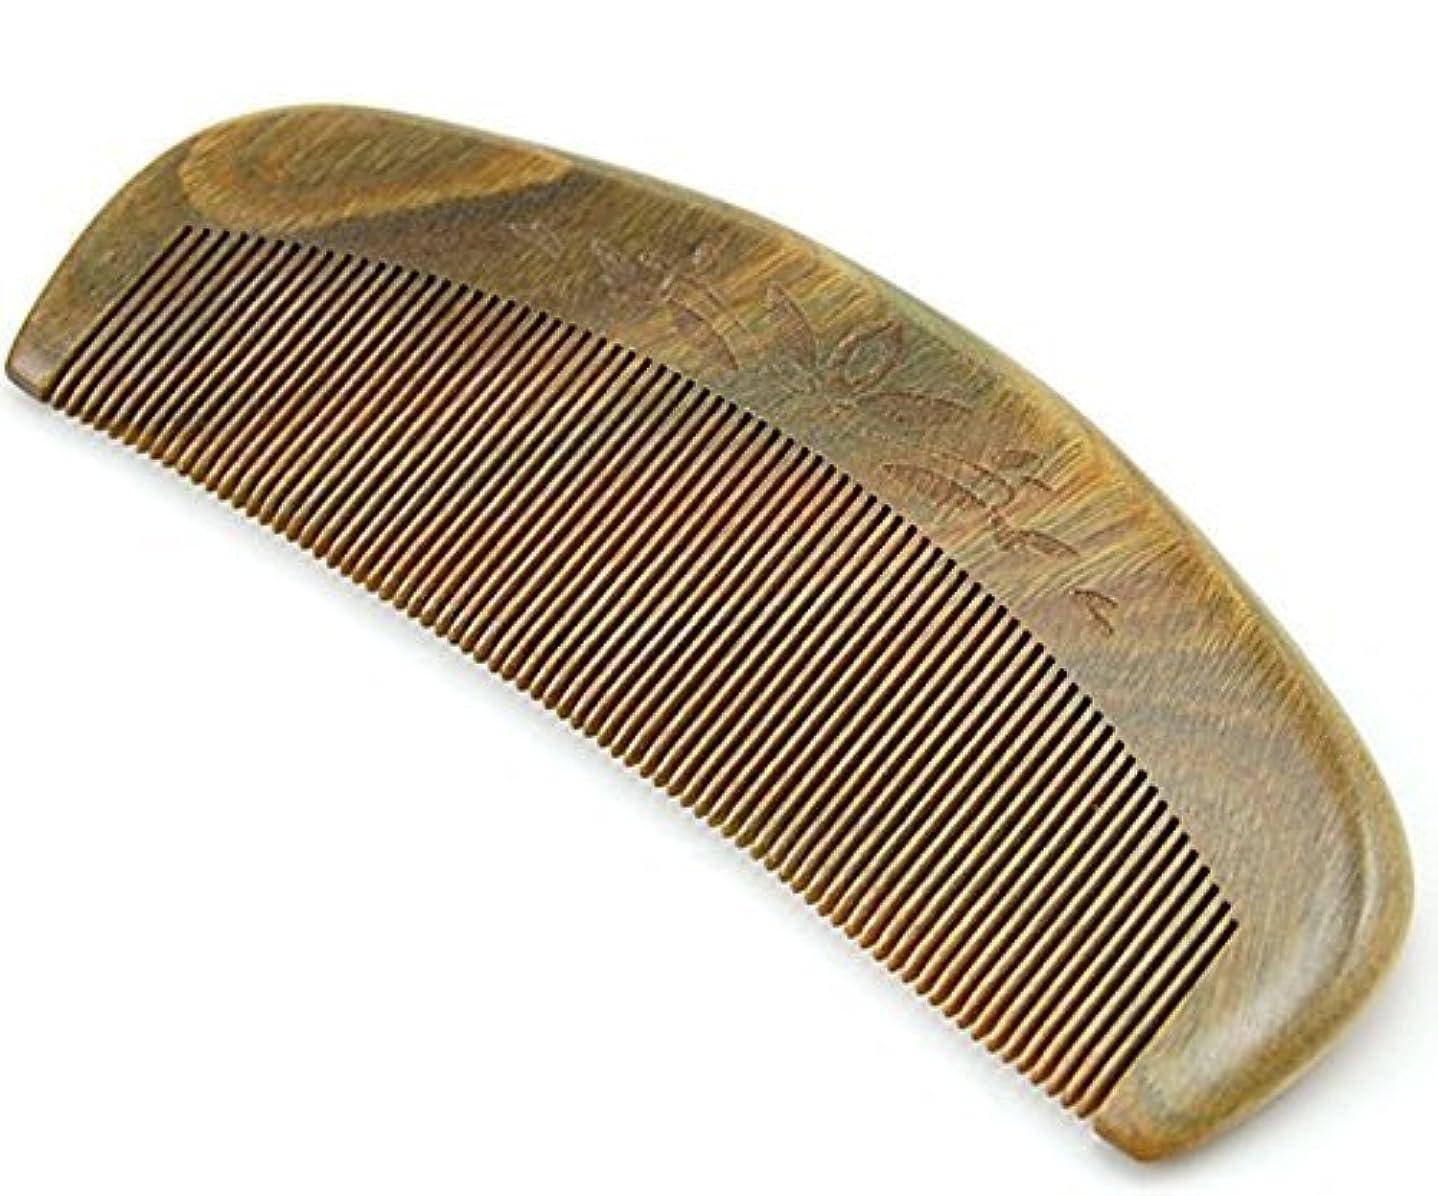 肉屋中央カスケードJoyo Natural Green Sandalwood Fine Tooth Comb, Anti Static Pocket Wooden Comb 5